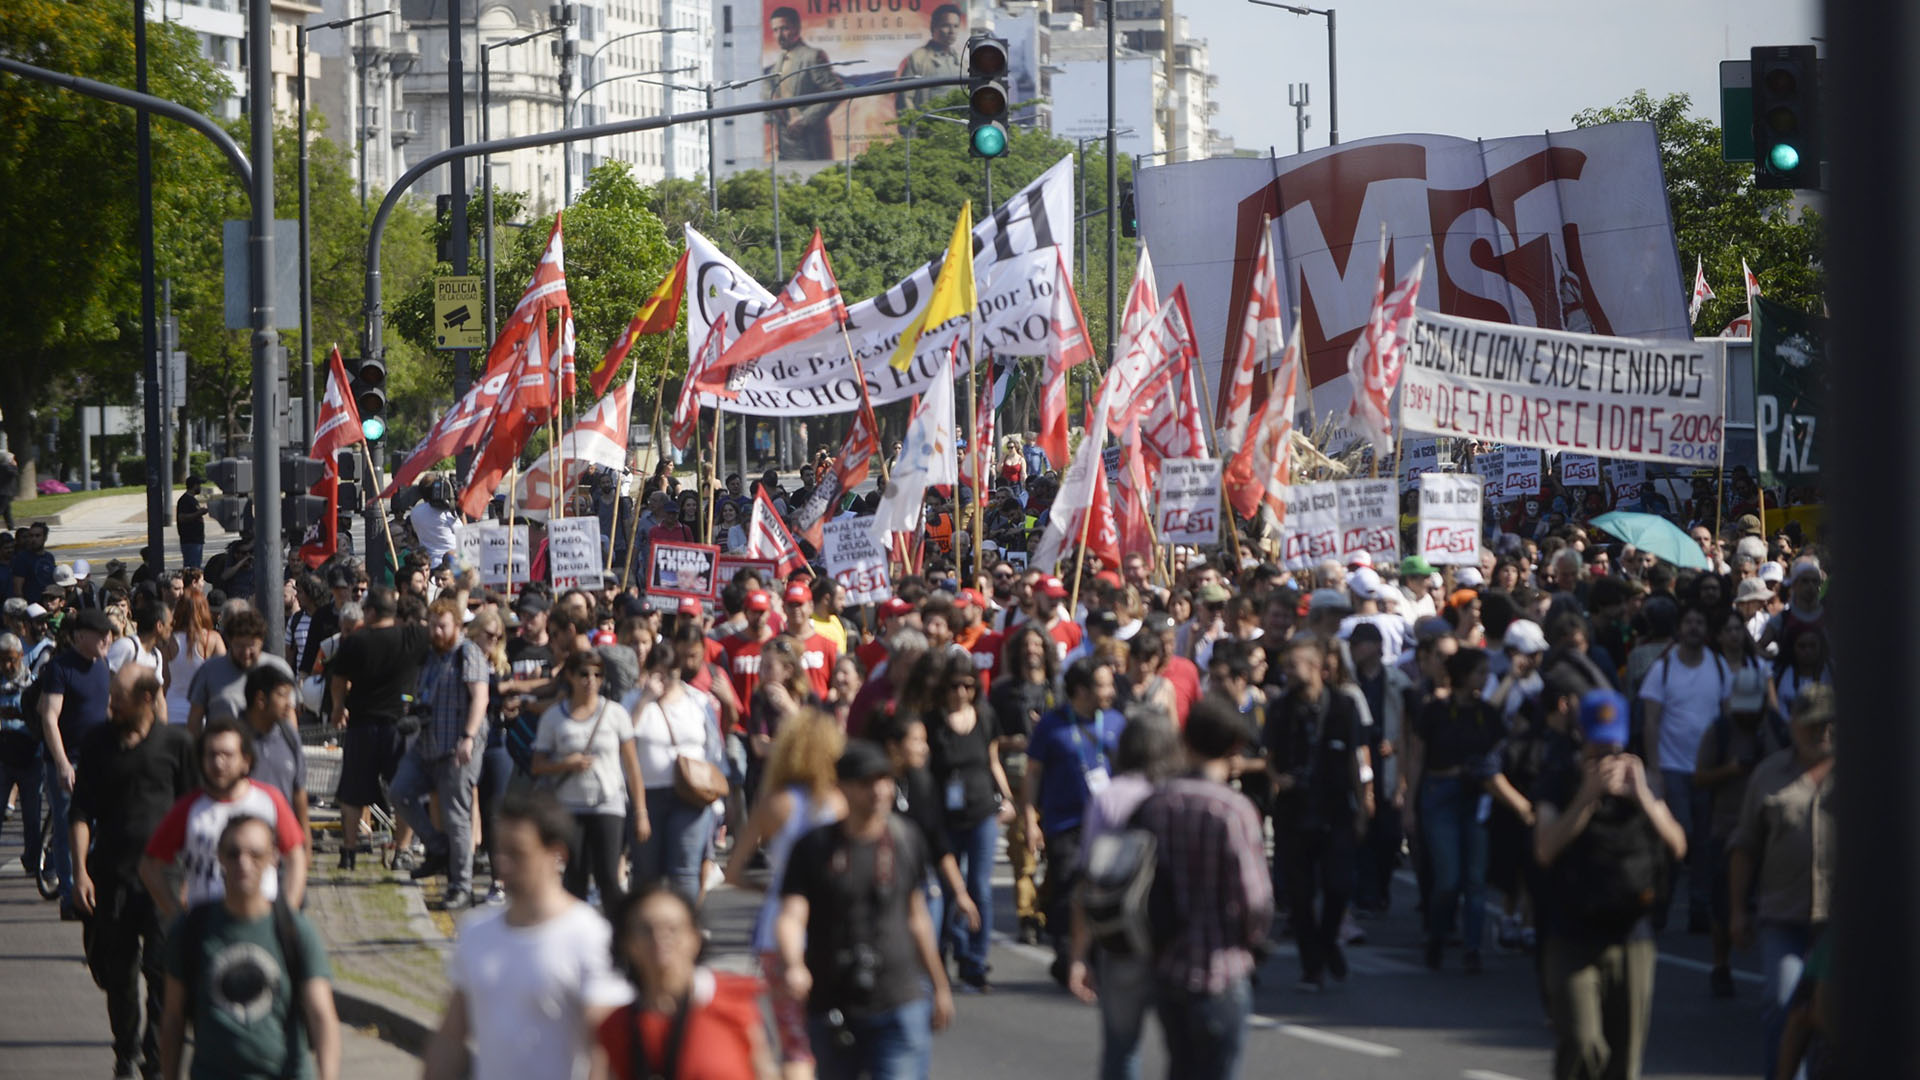 Durante la protesta hubo críticas al presidente de Argentina, Mauricio Macri, y a su gestión